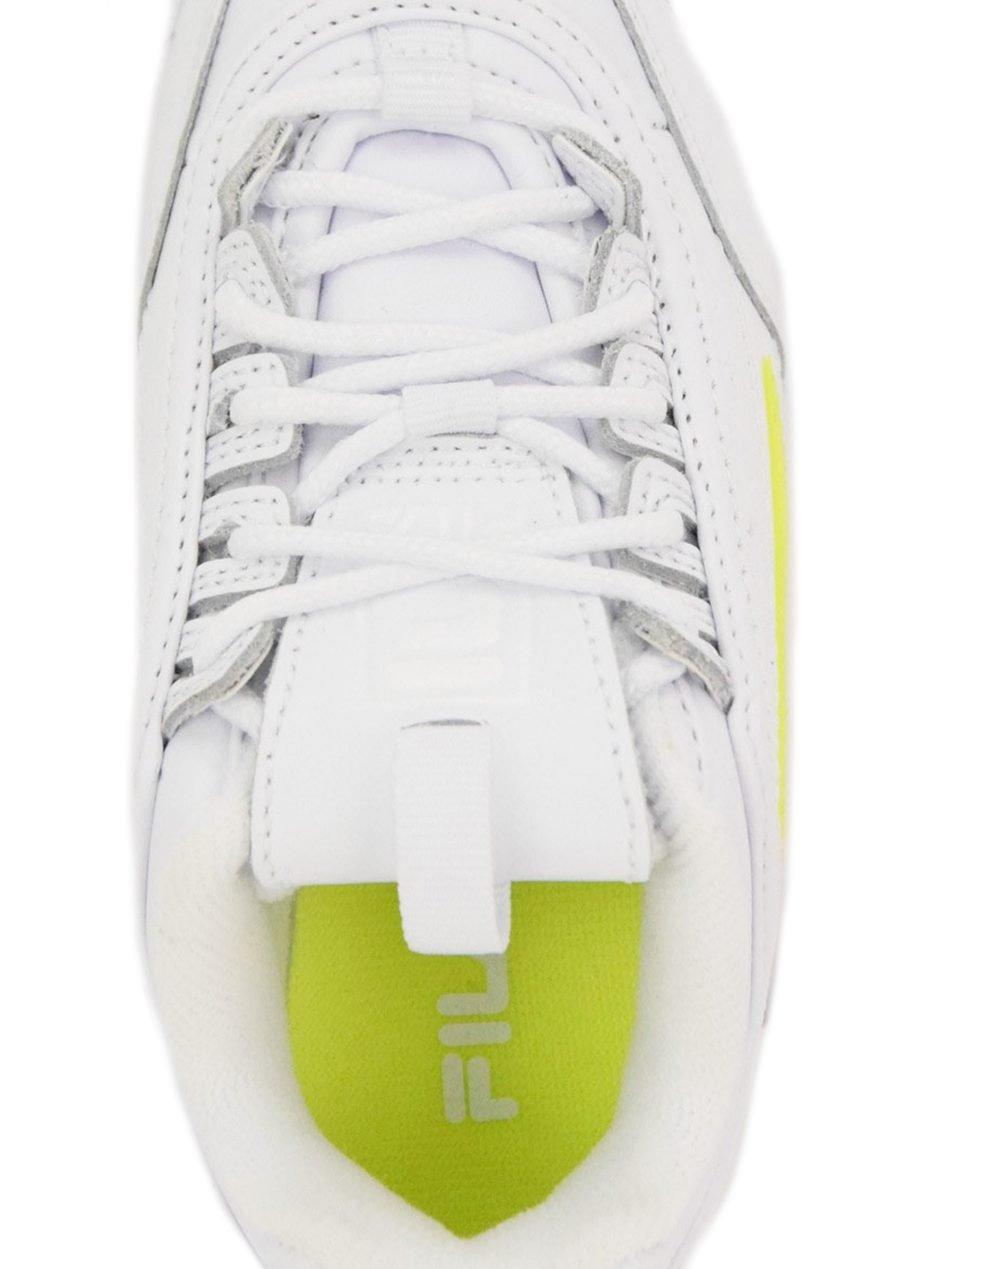 Fila Disruptor II (3XM01328-136) White/White/Safety Yellow